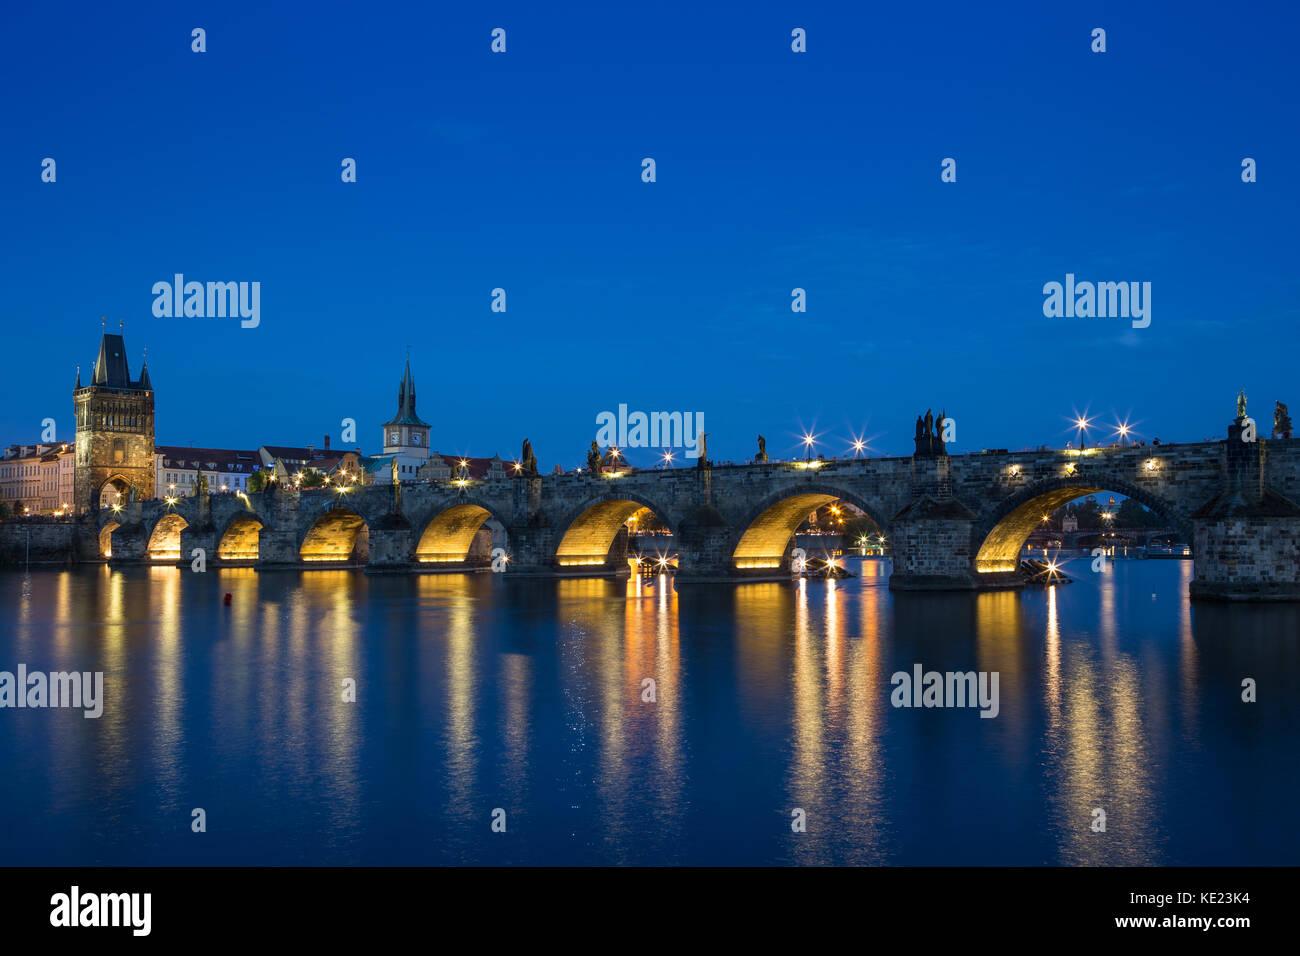 Iluminado el puente de Carlos (Karluv Most) y edificios antiguos en el casco antiguo de la ciudad y de sus reflexiones Imagen De Stock